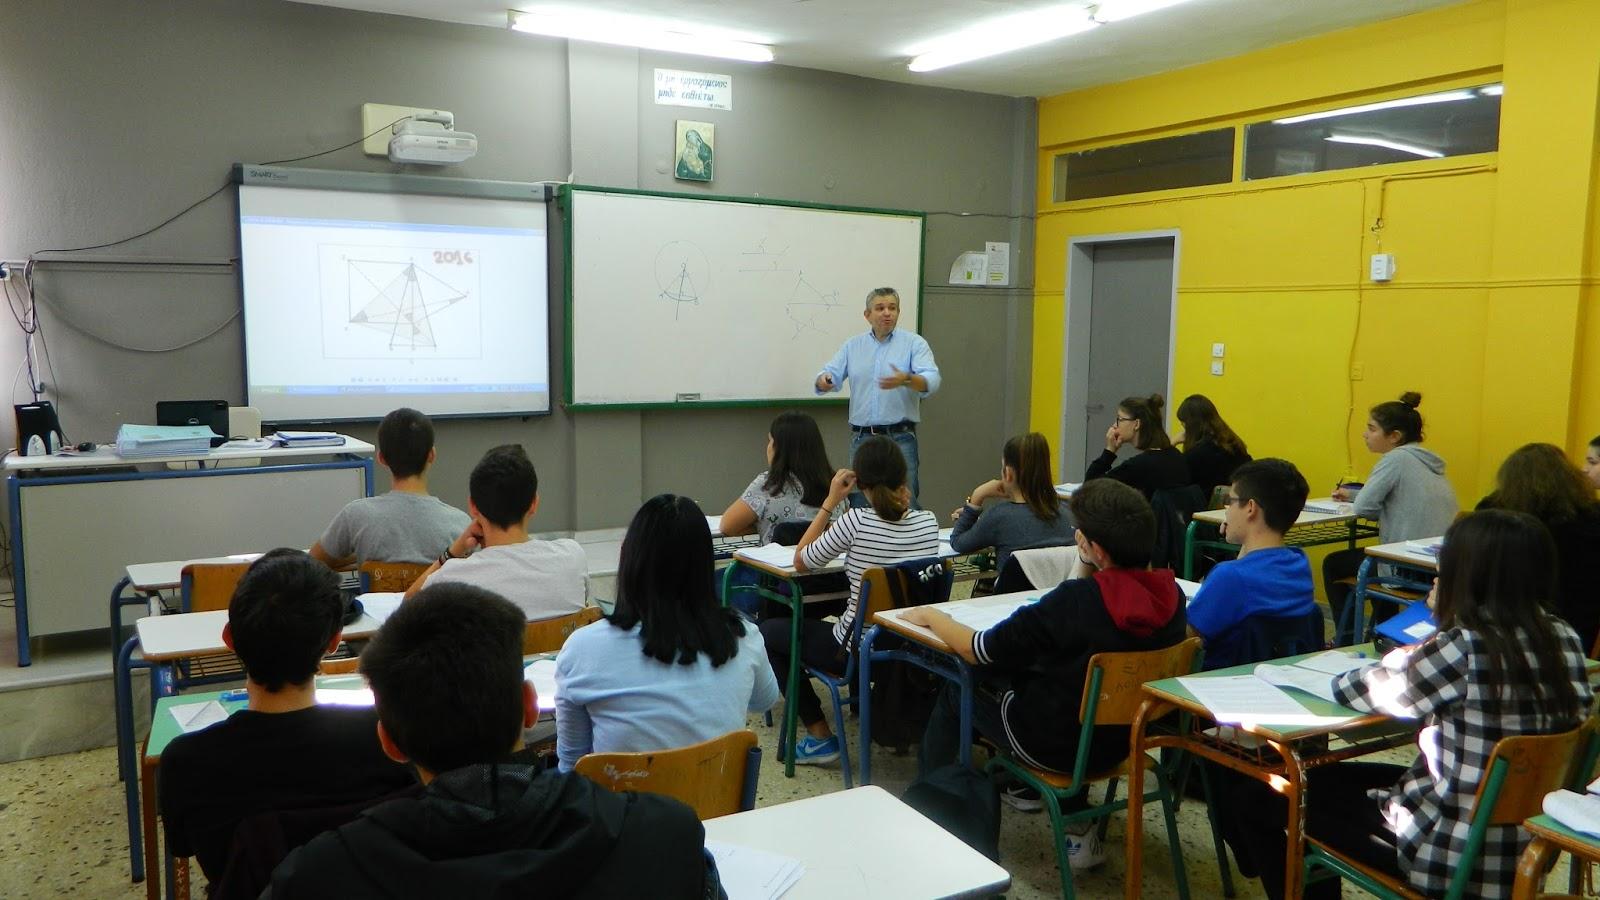 Ξεκίνησαν μαθήματα προετοιμασίας στη Λάρισα για τους μαθητές που θα συμμετάσχουν στους διαγωνισμούς της Ε.Μ.Ε.